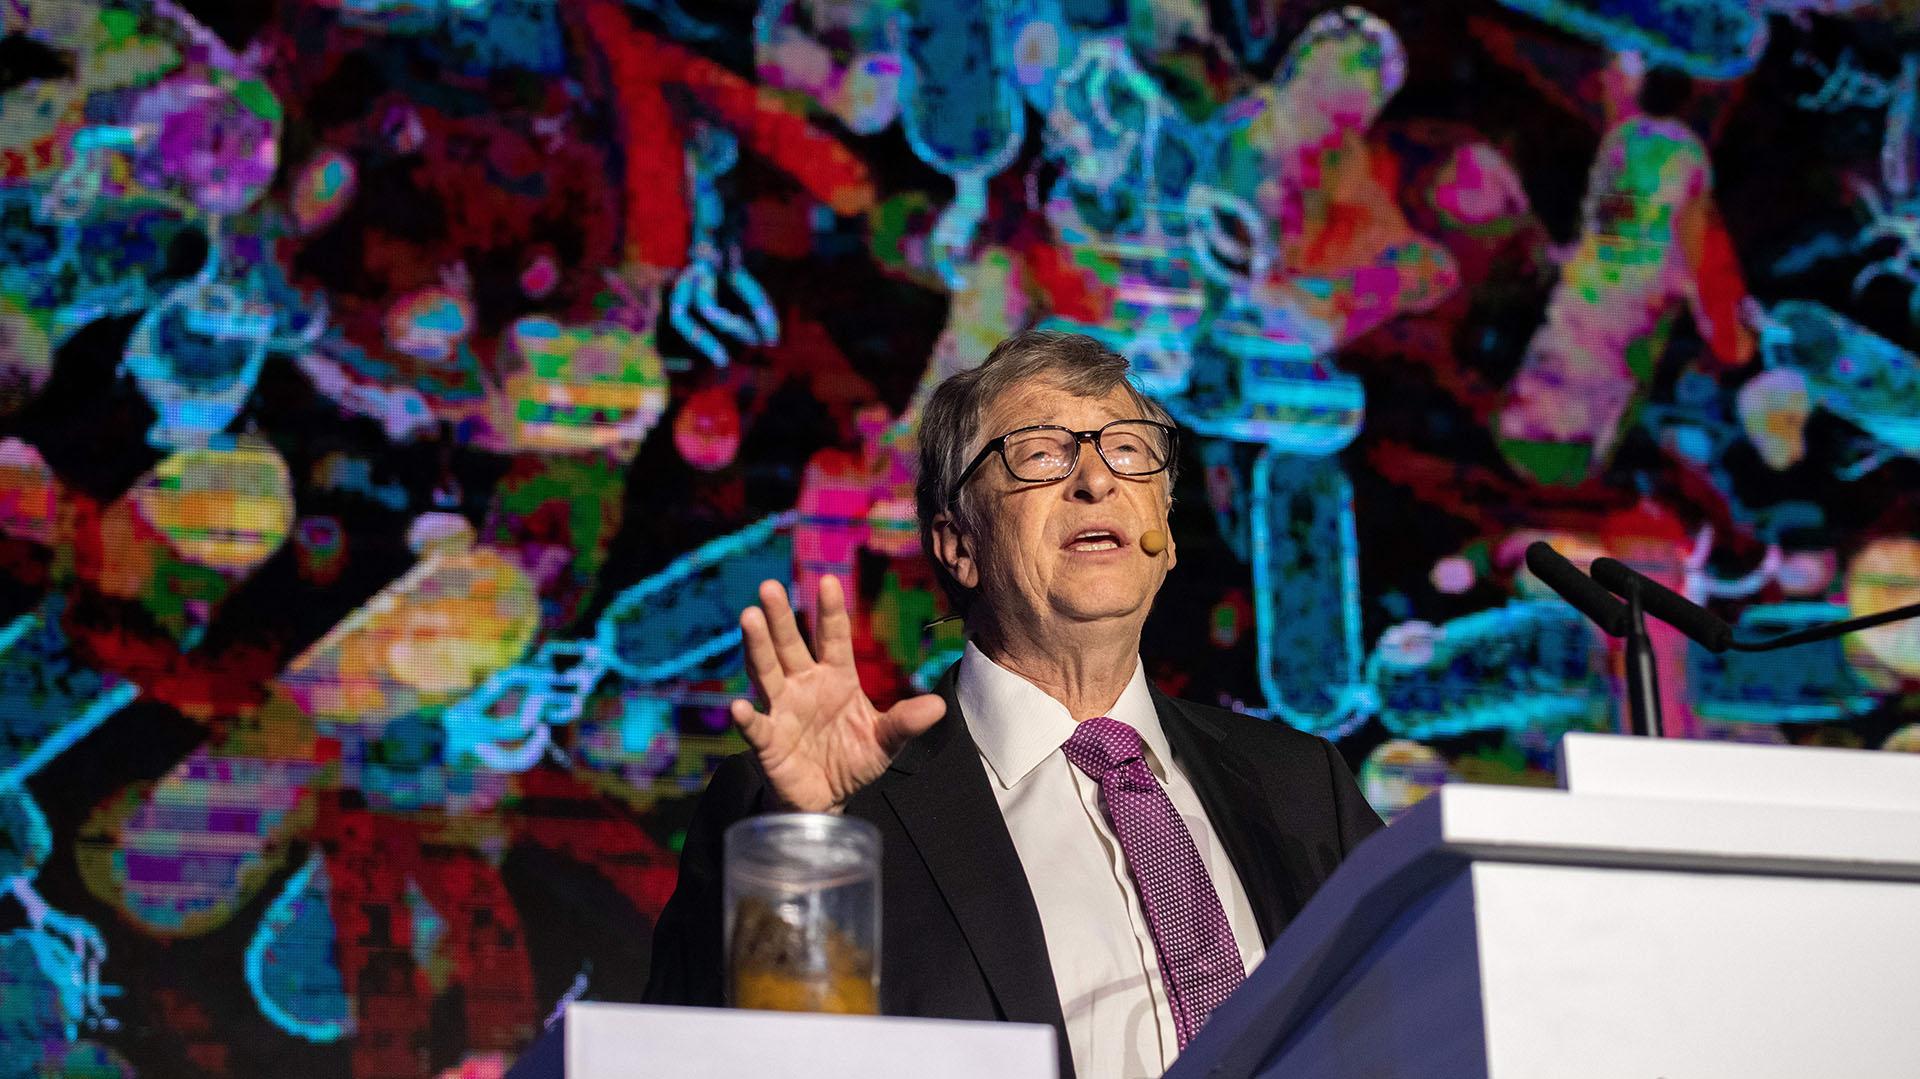 Bill Gates hablando durante la exposición sobre la reinvención del inodoro que se hizo en Beijing, en noviembre de 2018(Photo by Nicolas ASFOURI / AFP)